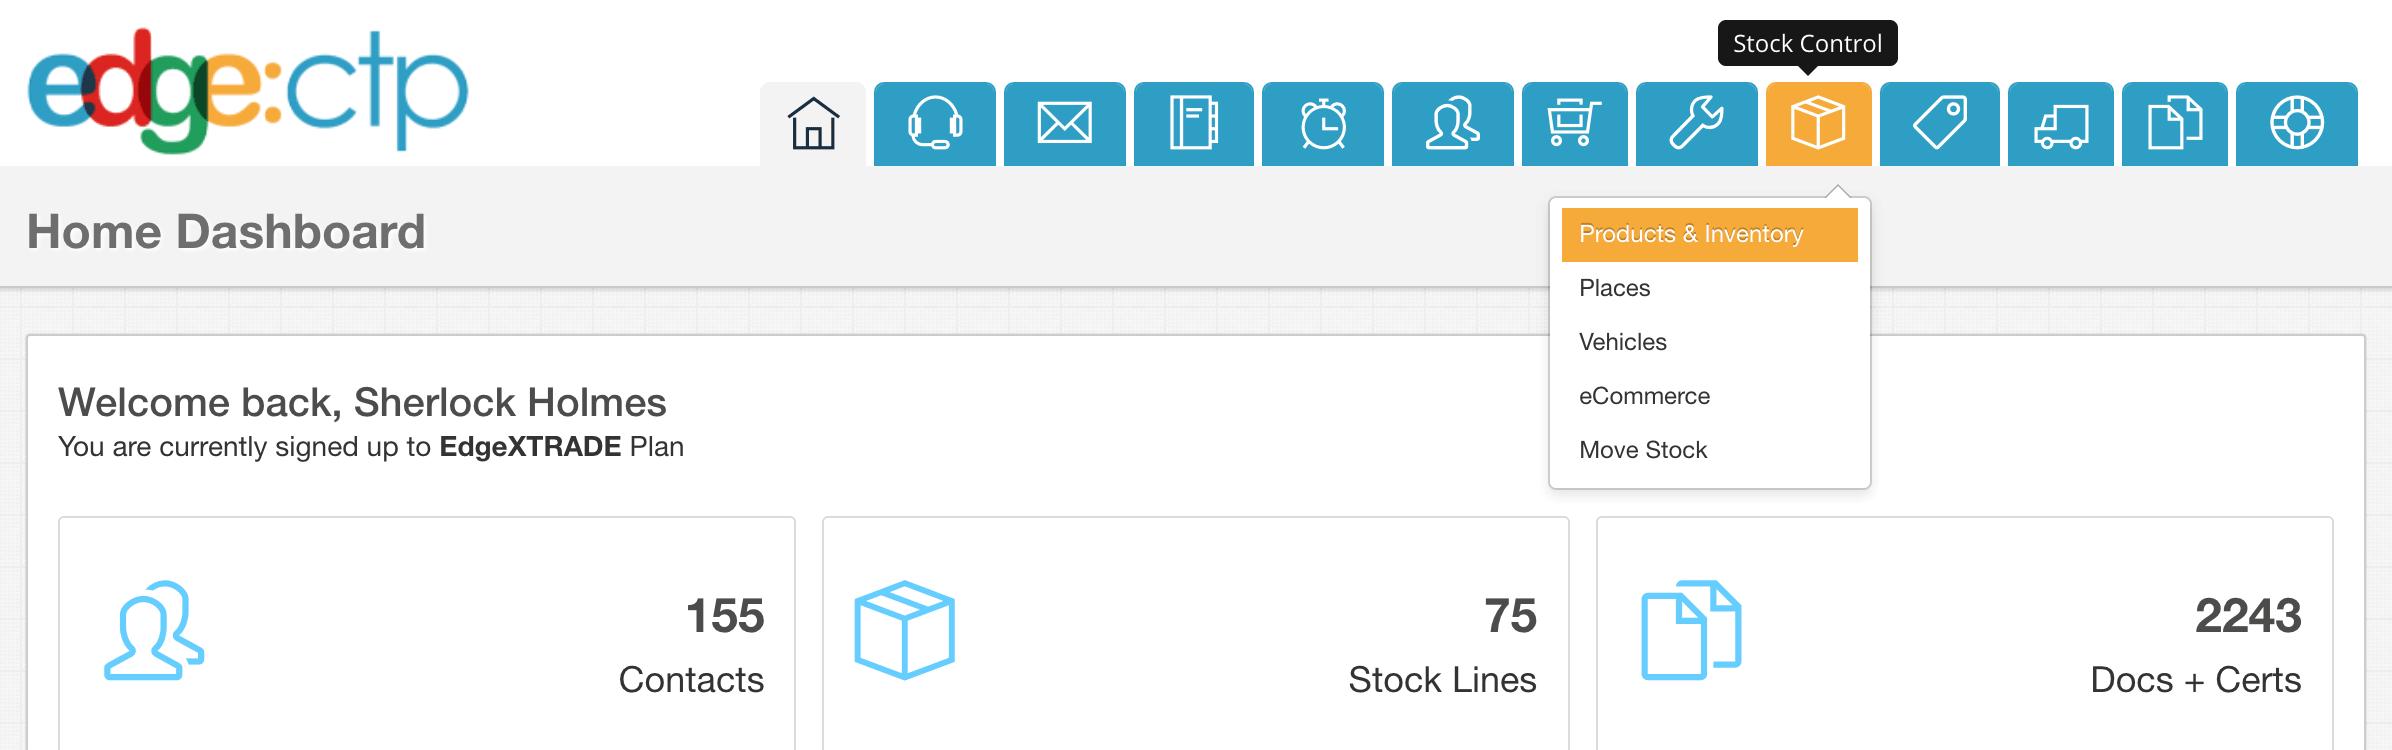 EdgeCTP-dashboard